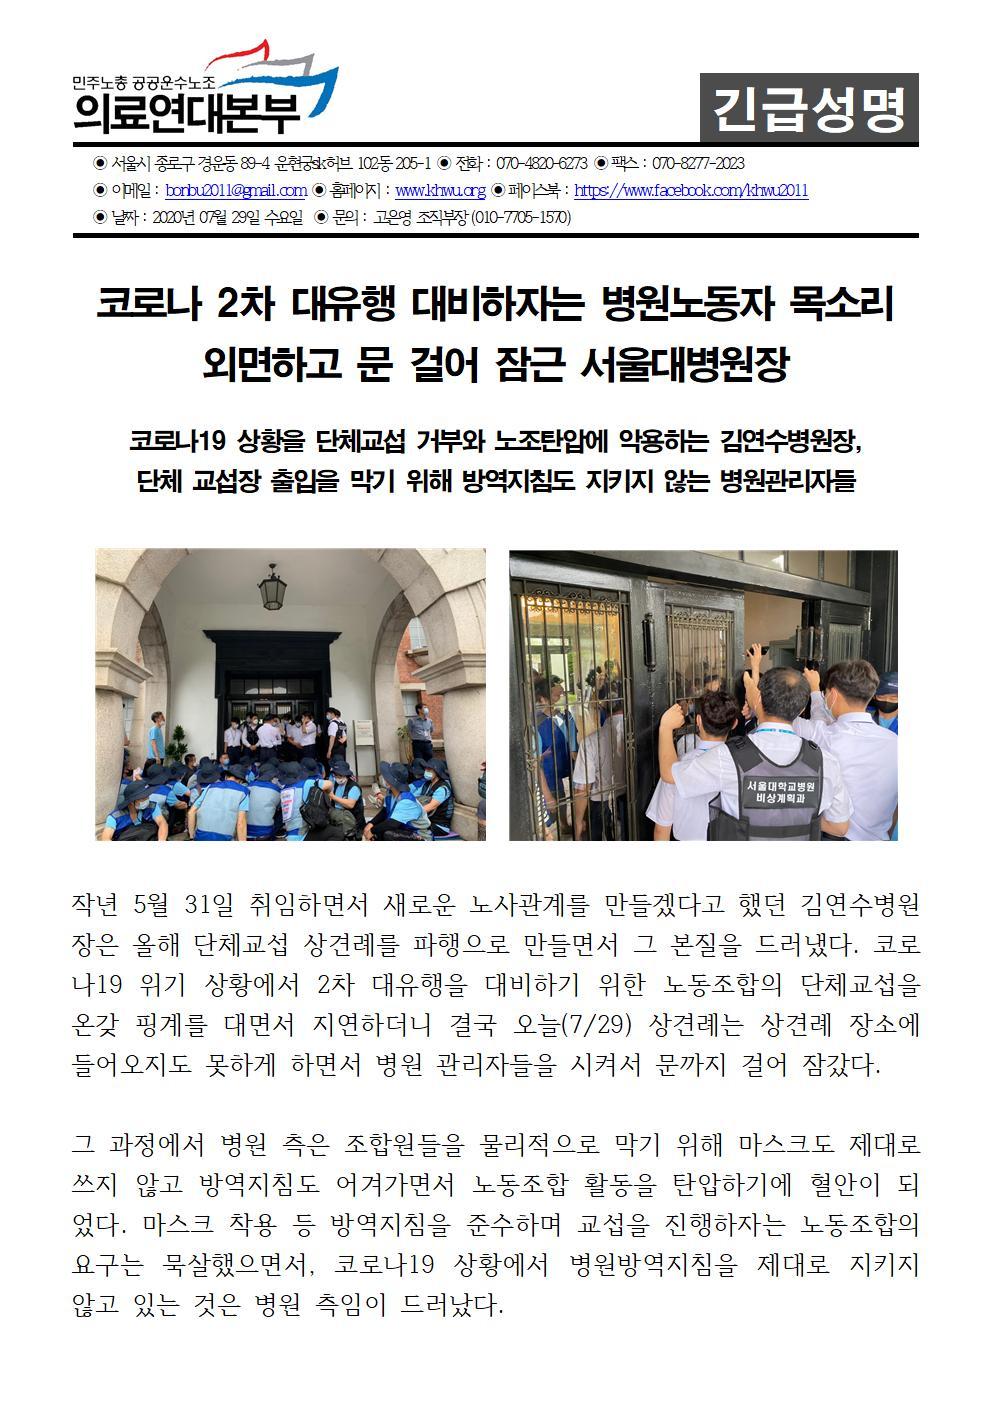 200729_성명_문걸어잠근서울대병원장001.jpg